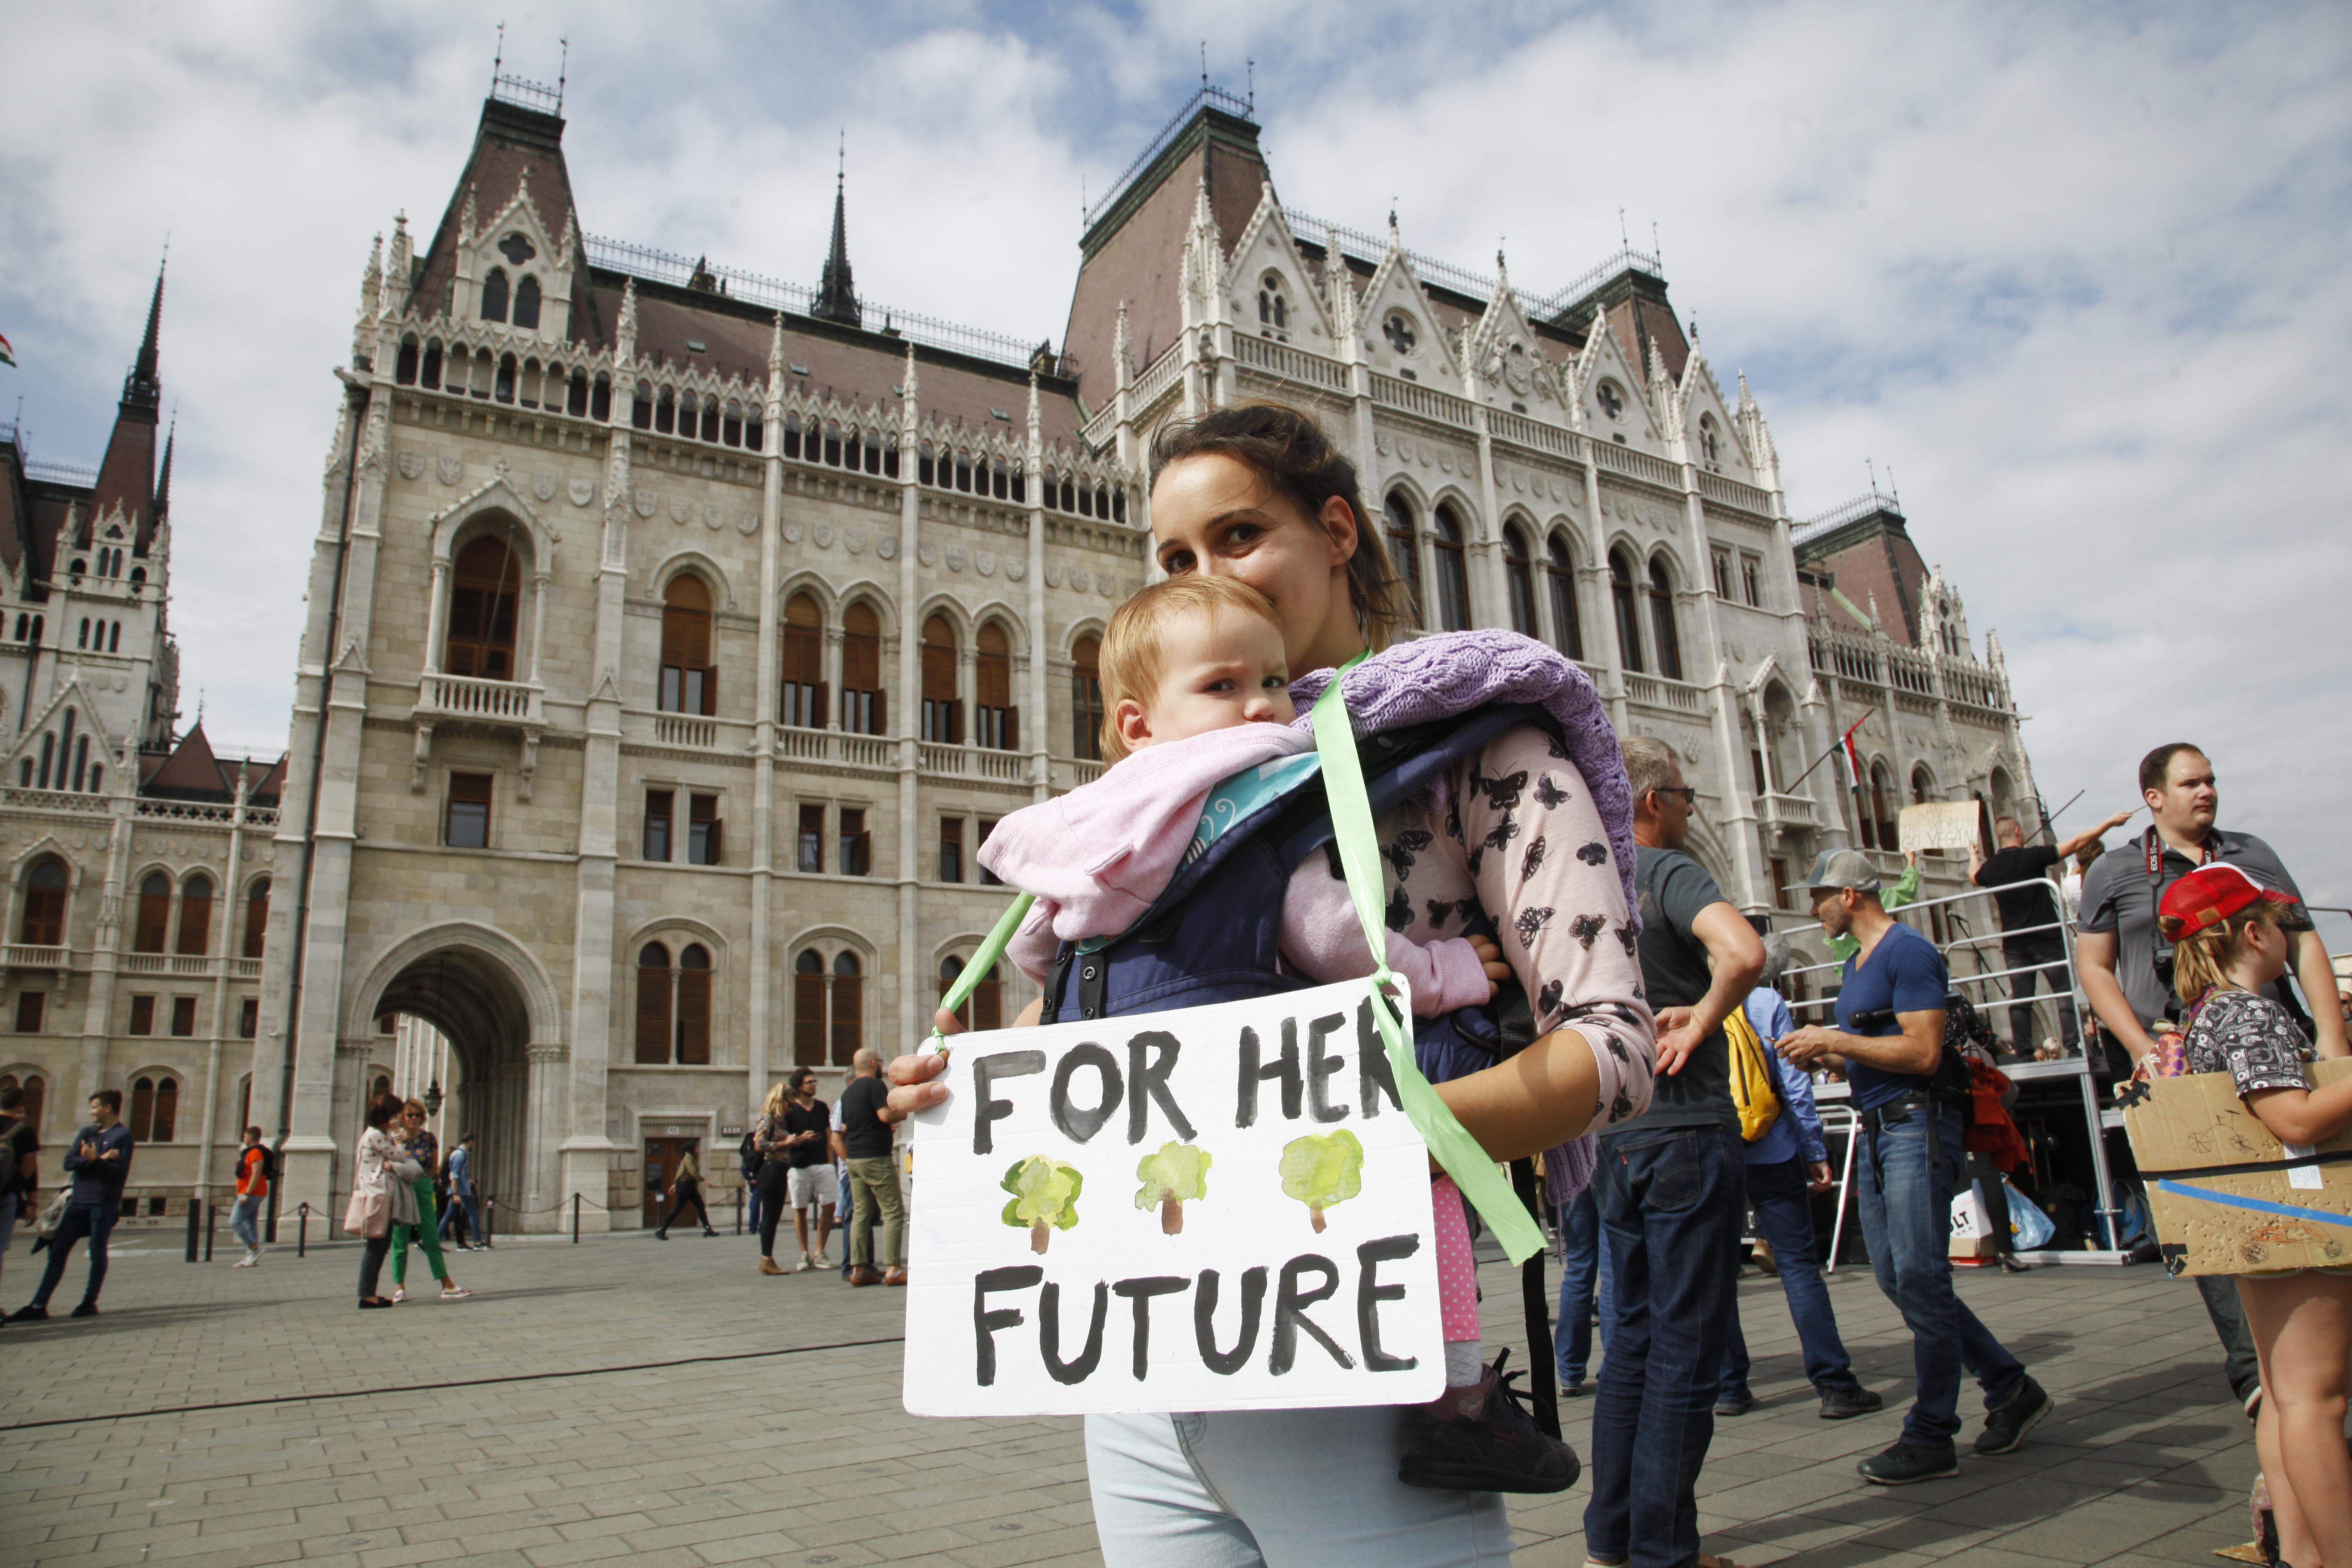 1000 milliárdot kér a kormány klímacélokra az EU-tól, hogy aztán egy részét kidobja az ablakon